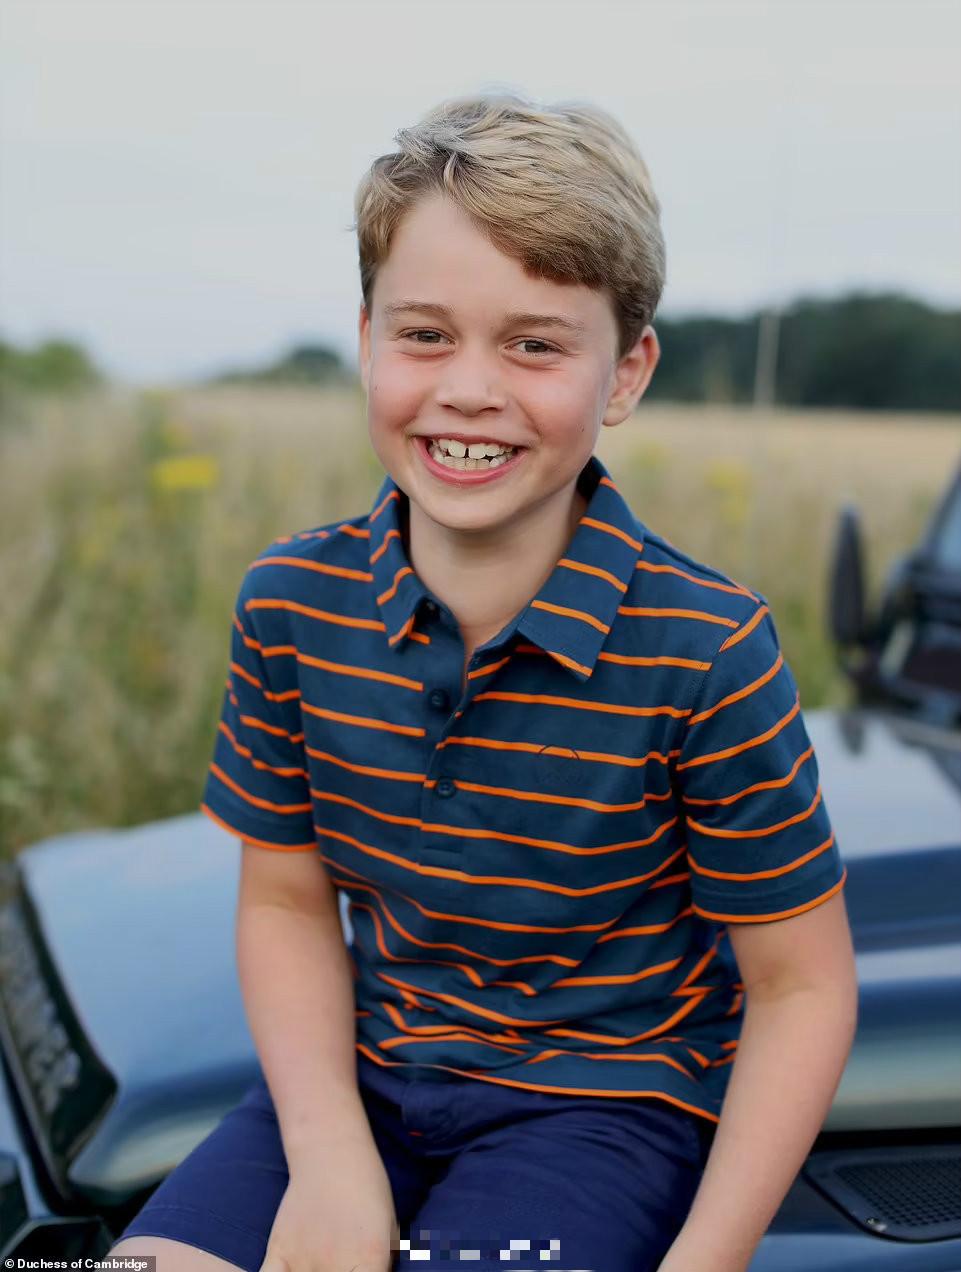 乔治小王子8岁生日照曝光 对镜头甜笑越来越像爸爸威廉王子